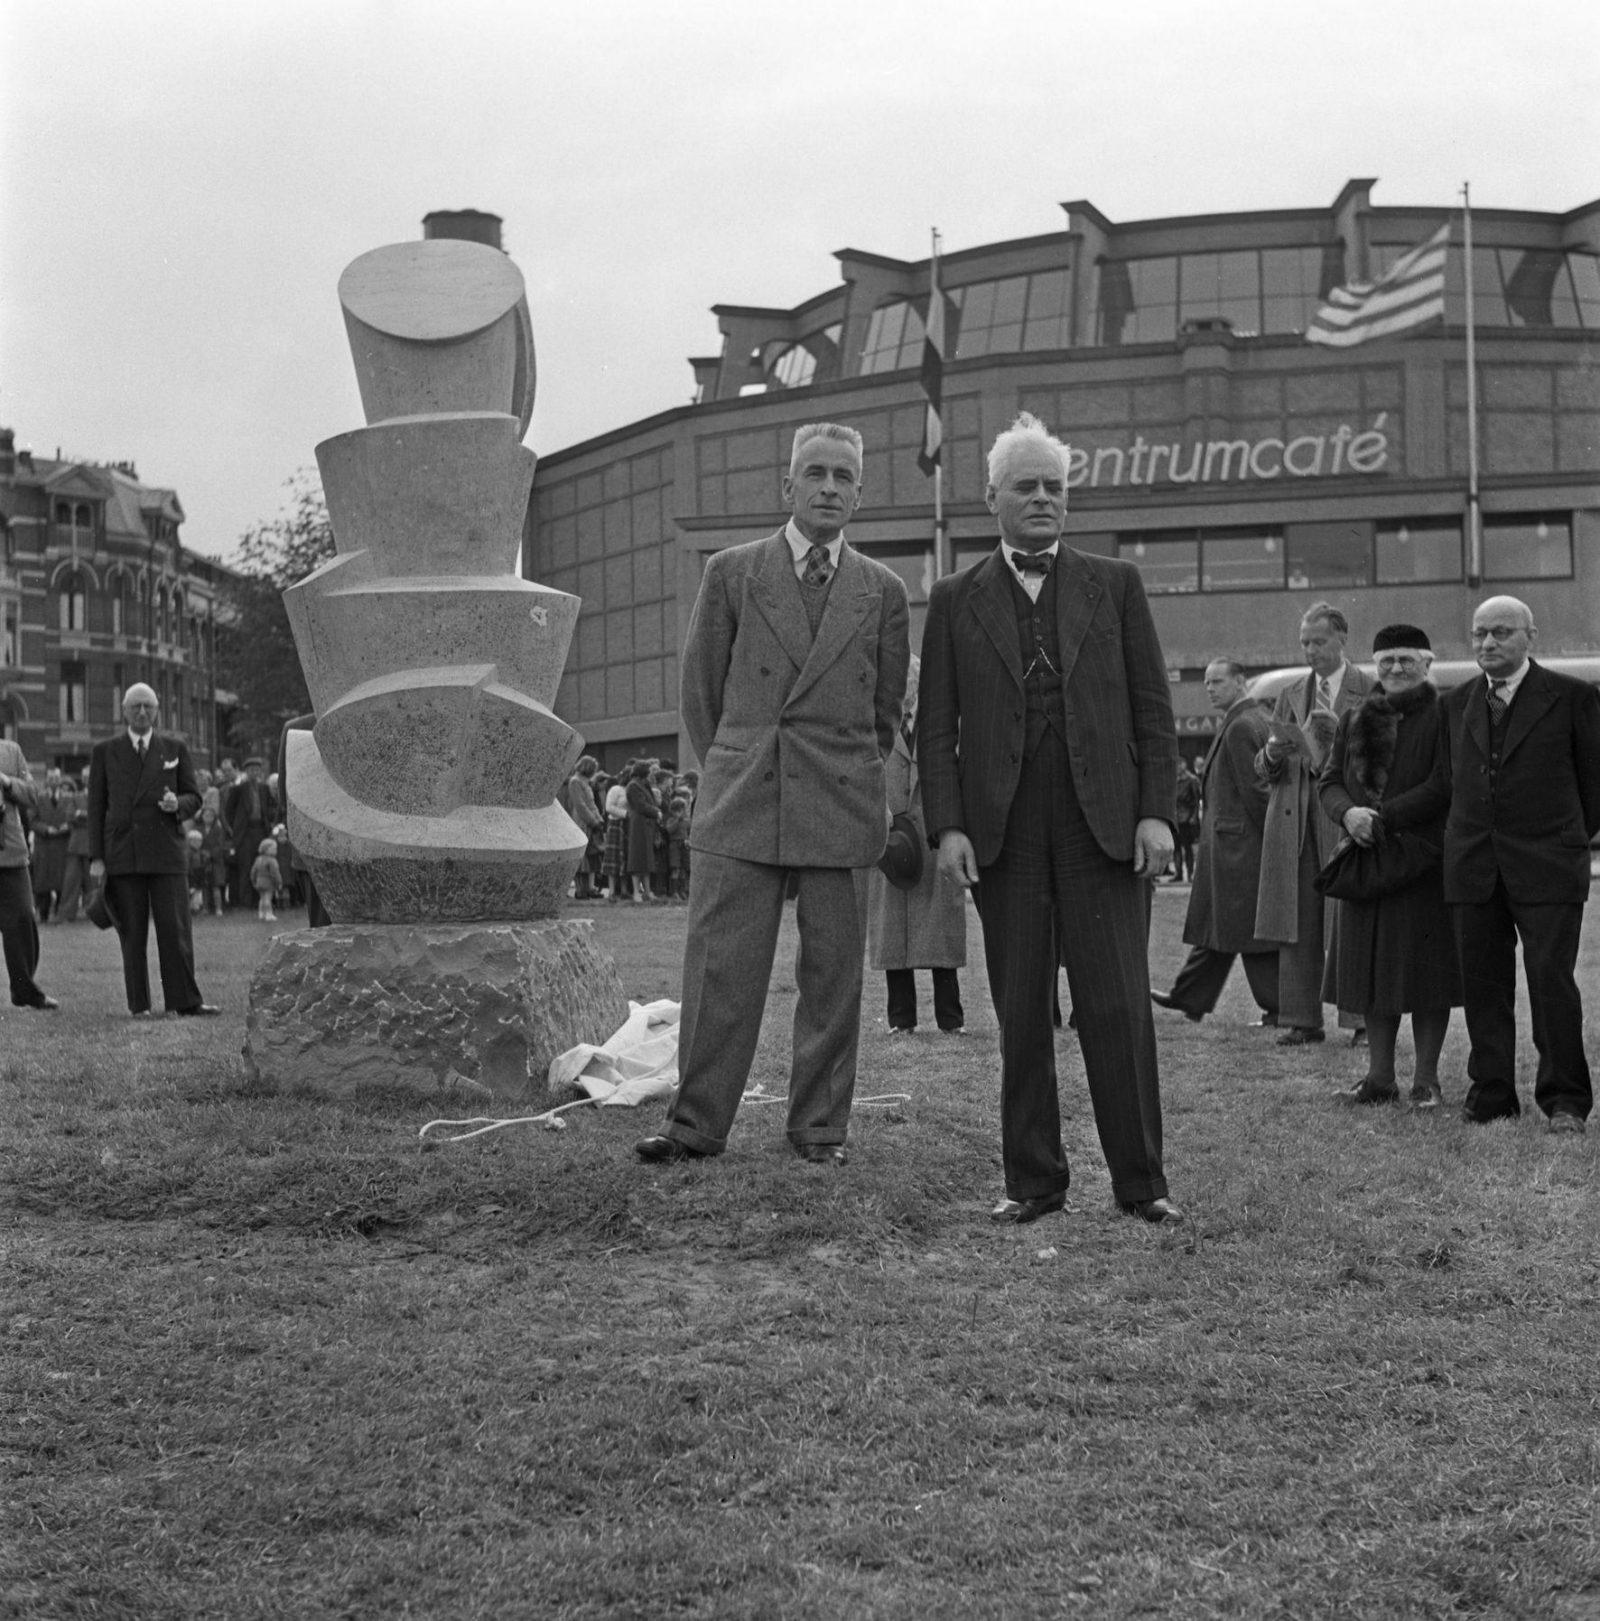 1950 0519 Bouwcentrum sculptuur Stuivenberg TD NL Rt SA 4204 3552